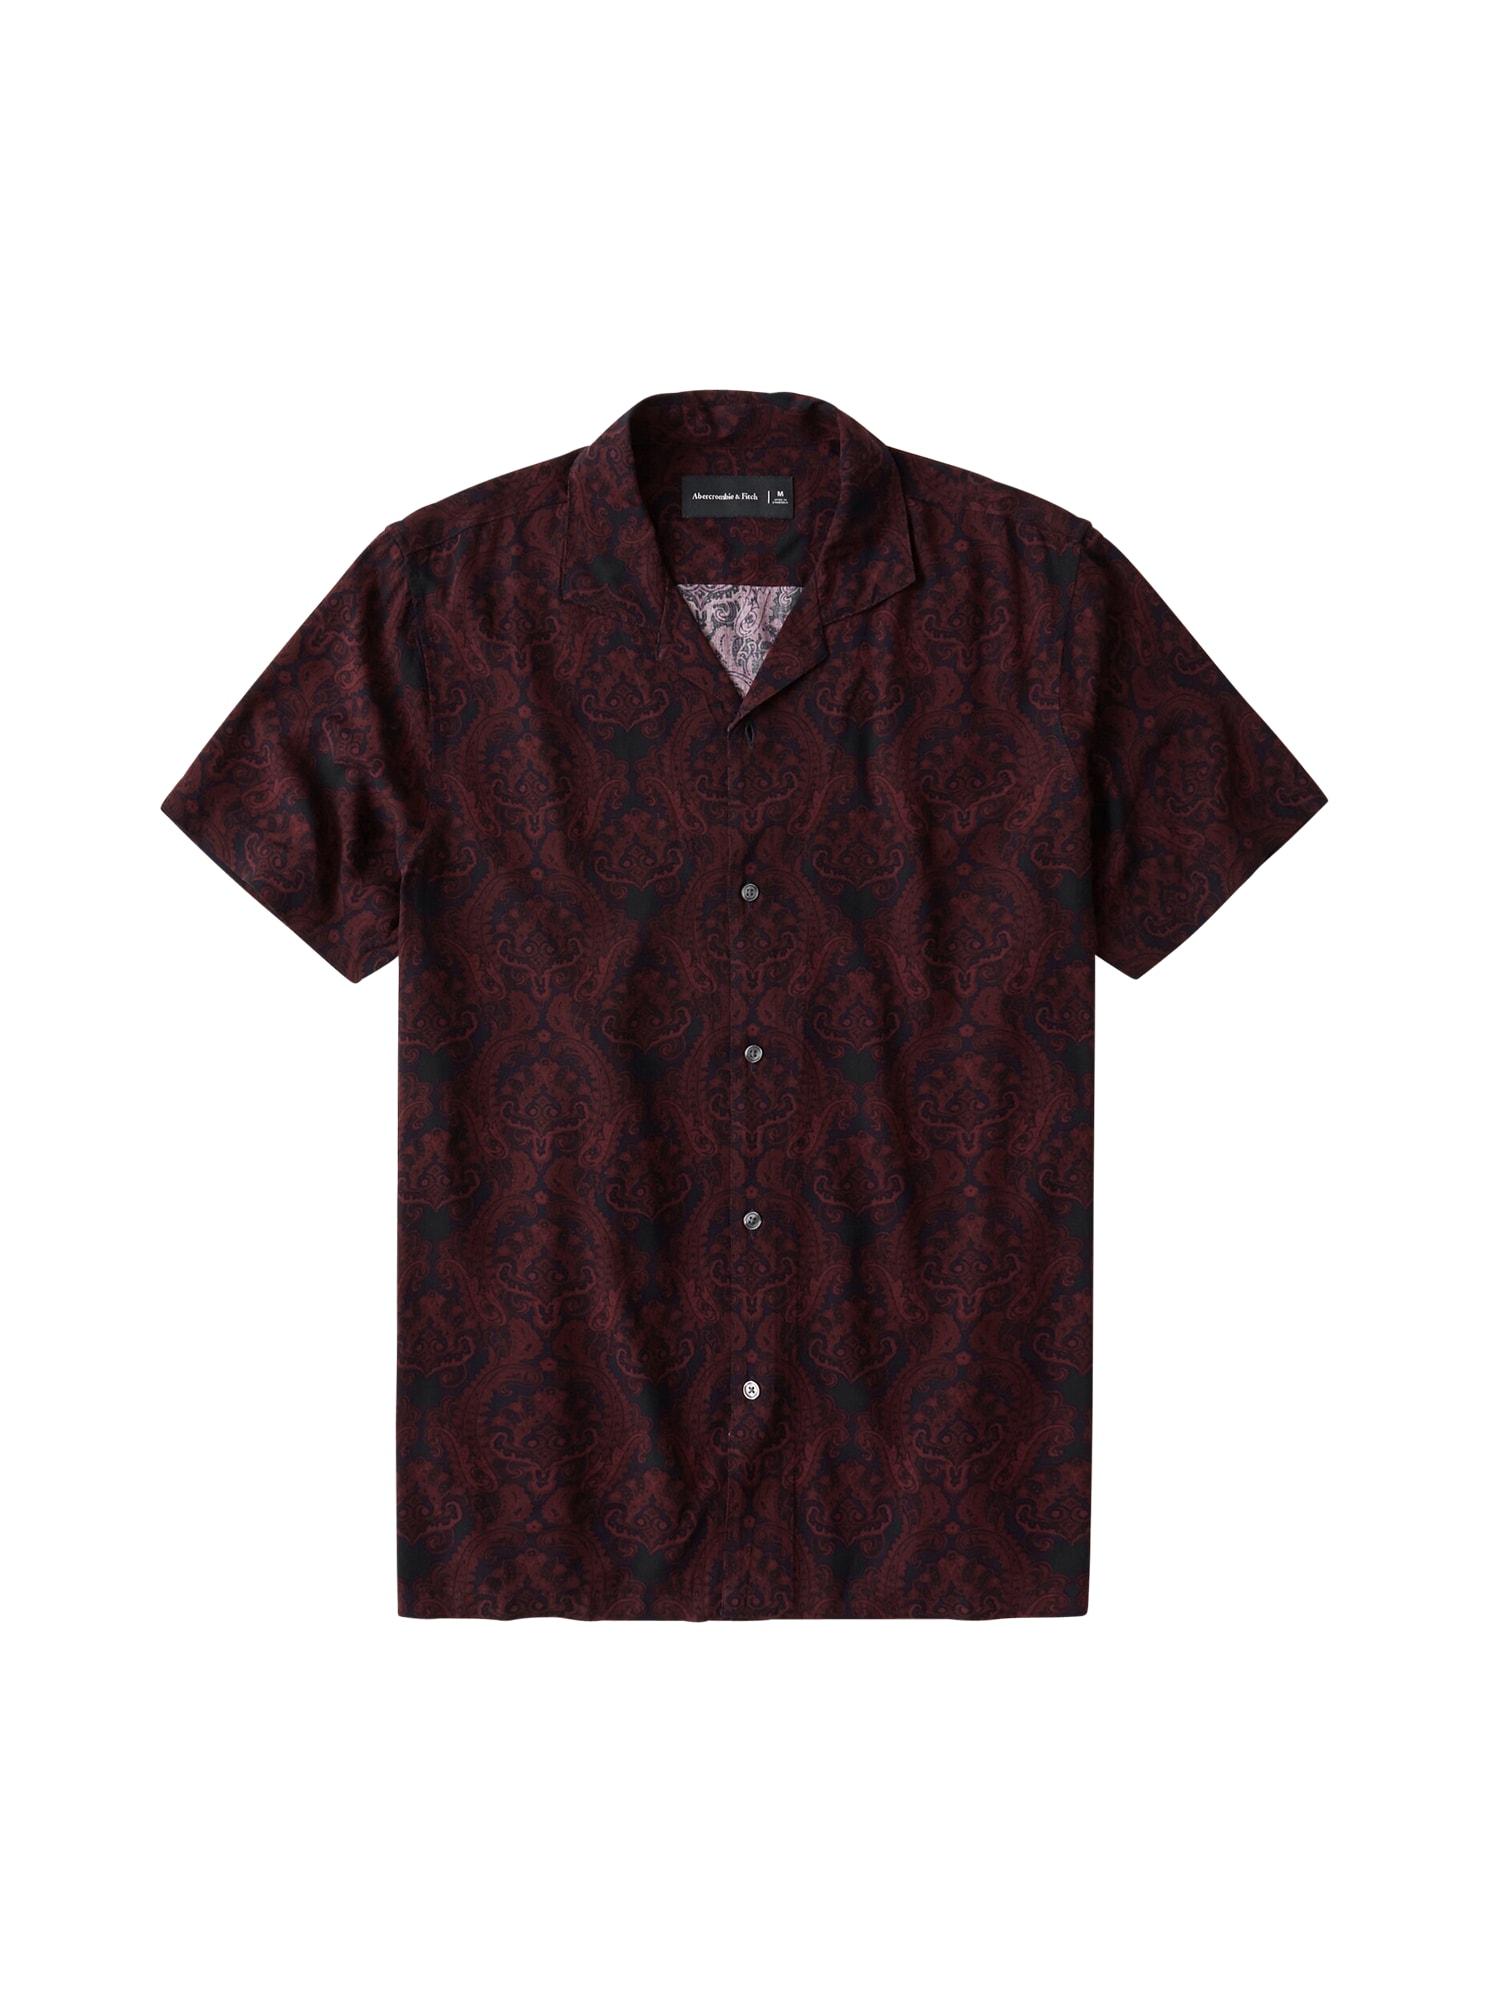 Abercrombie & Fitch Dalykiniai marškiniai burgundiško vyno spalva